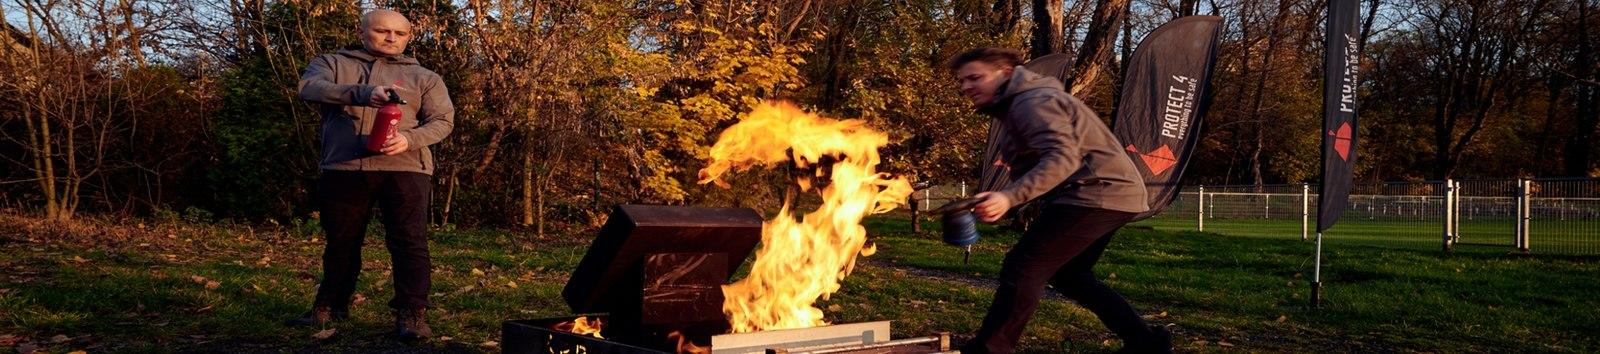 Mężczyźni gaszący płomień